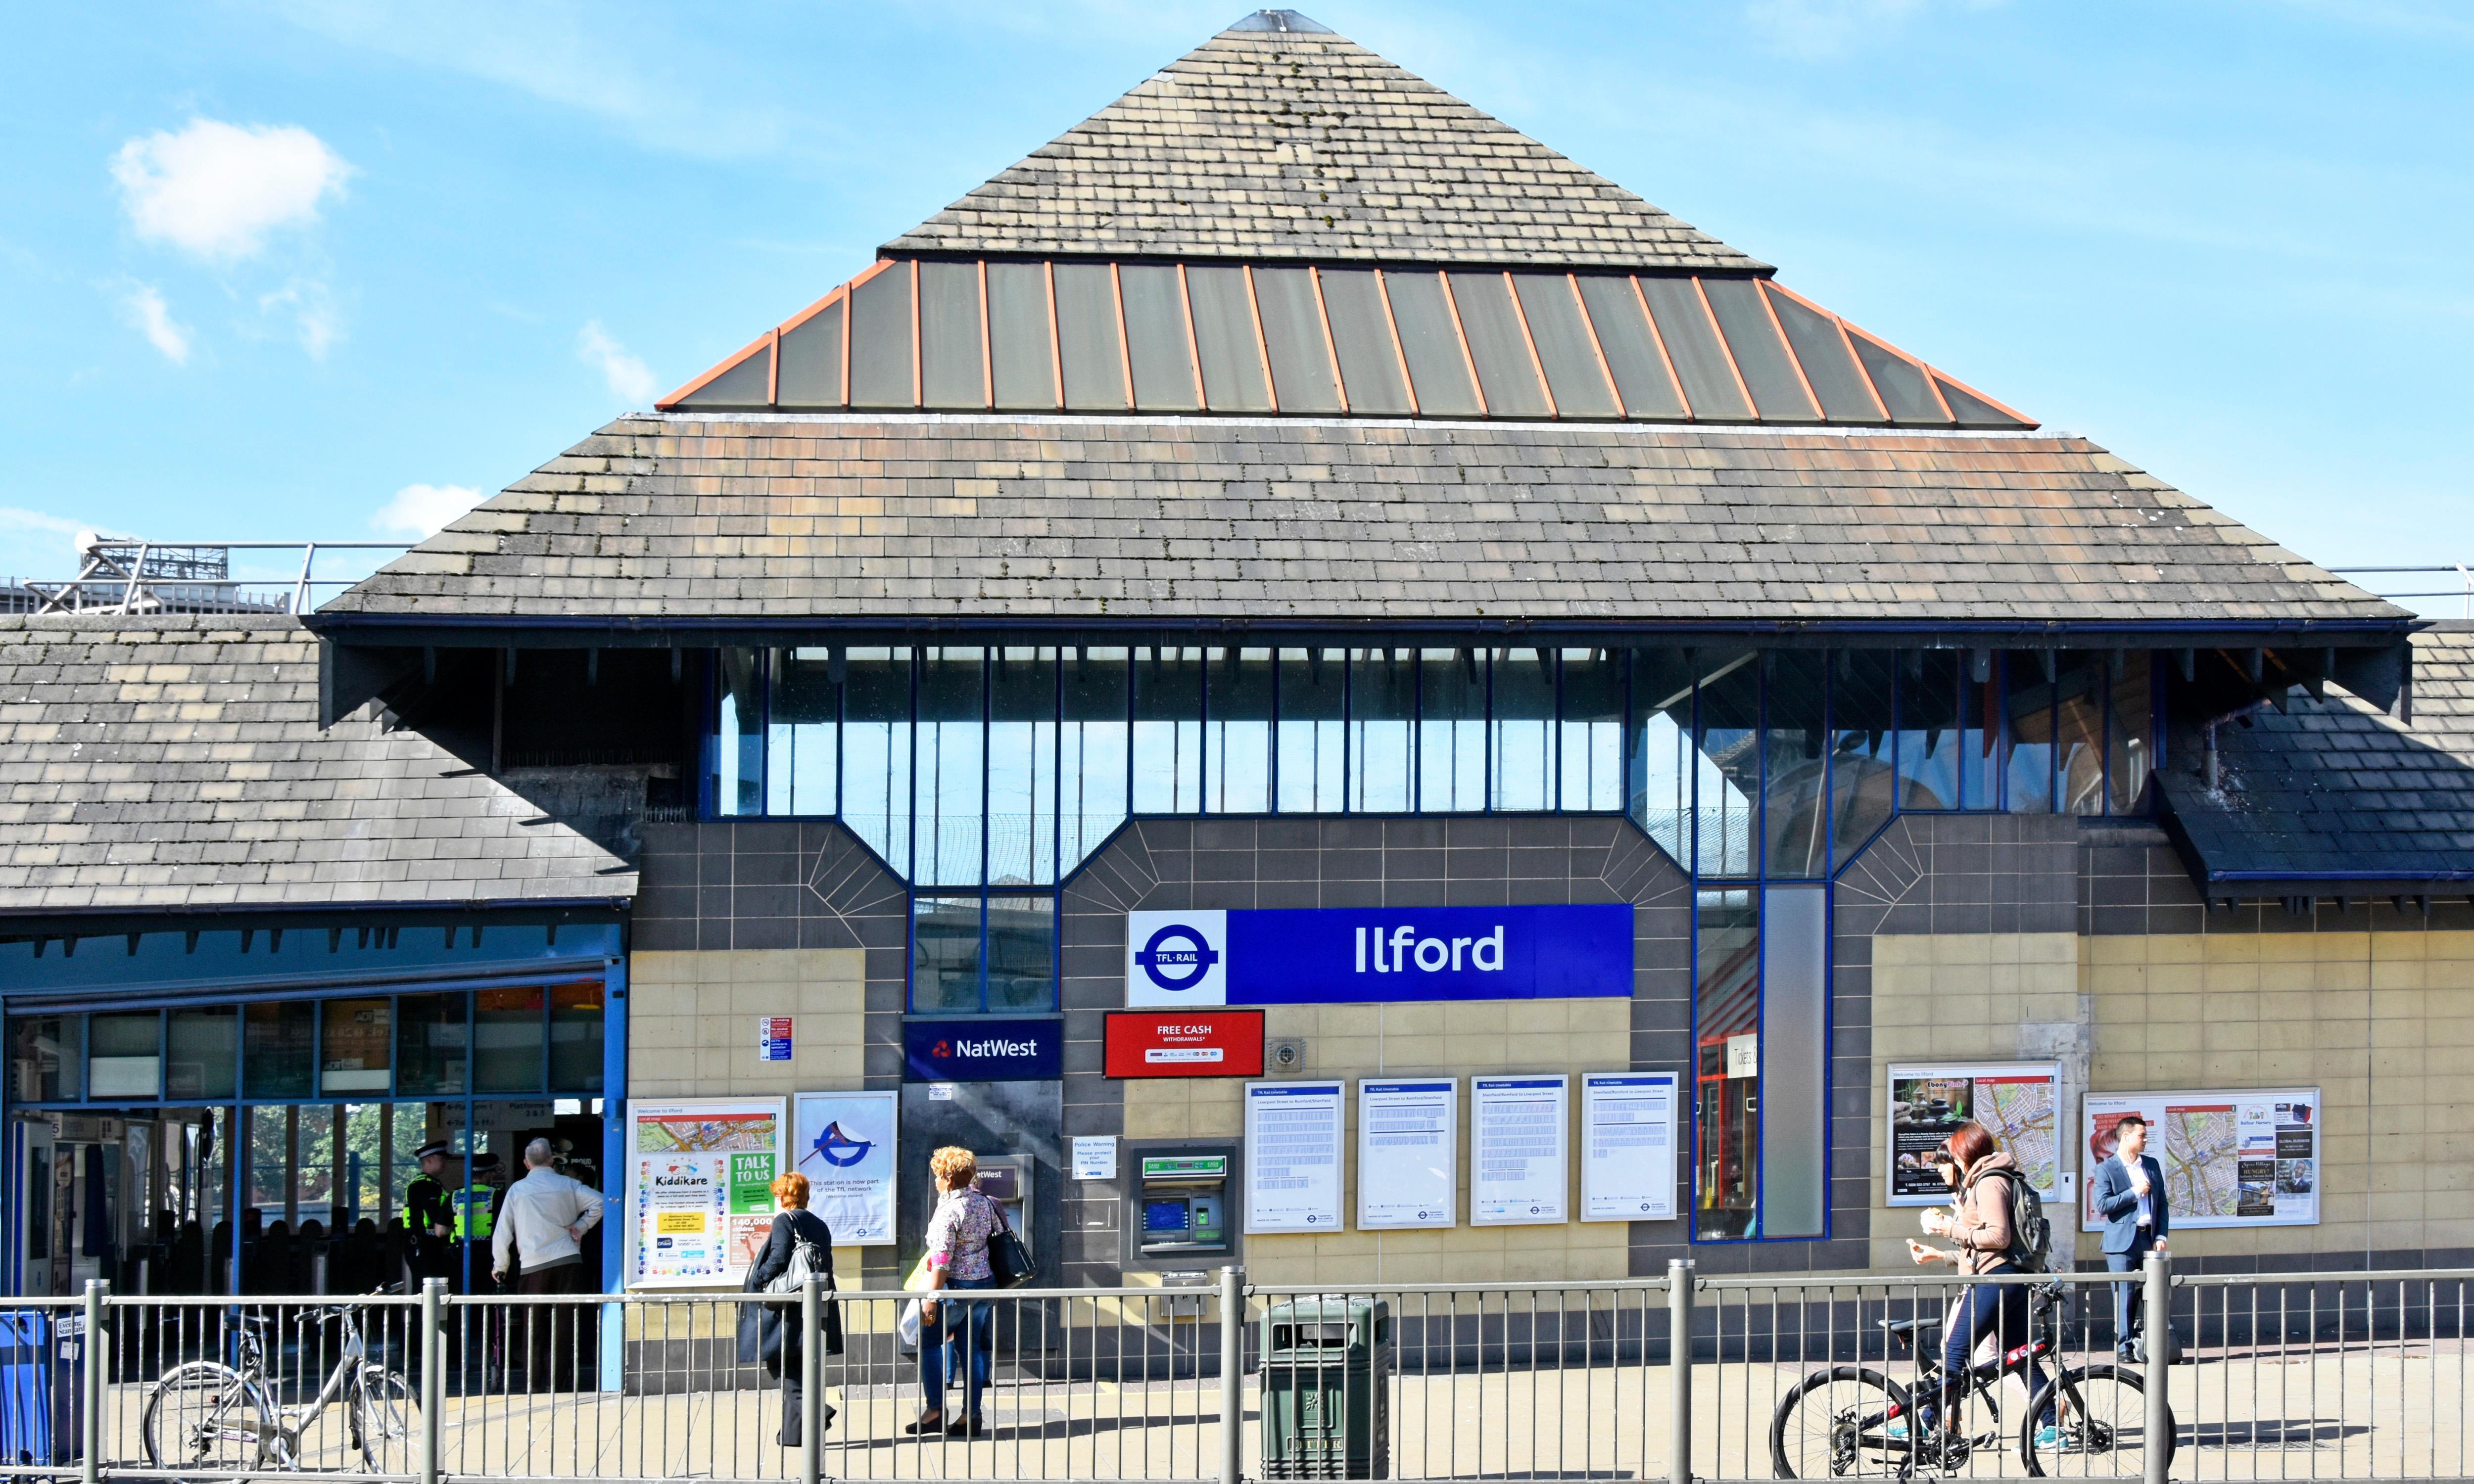 The Ilford, Essex/London conundrum